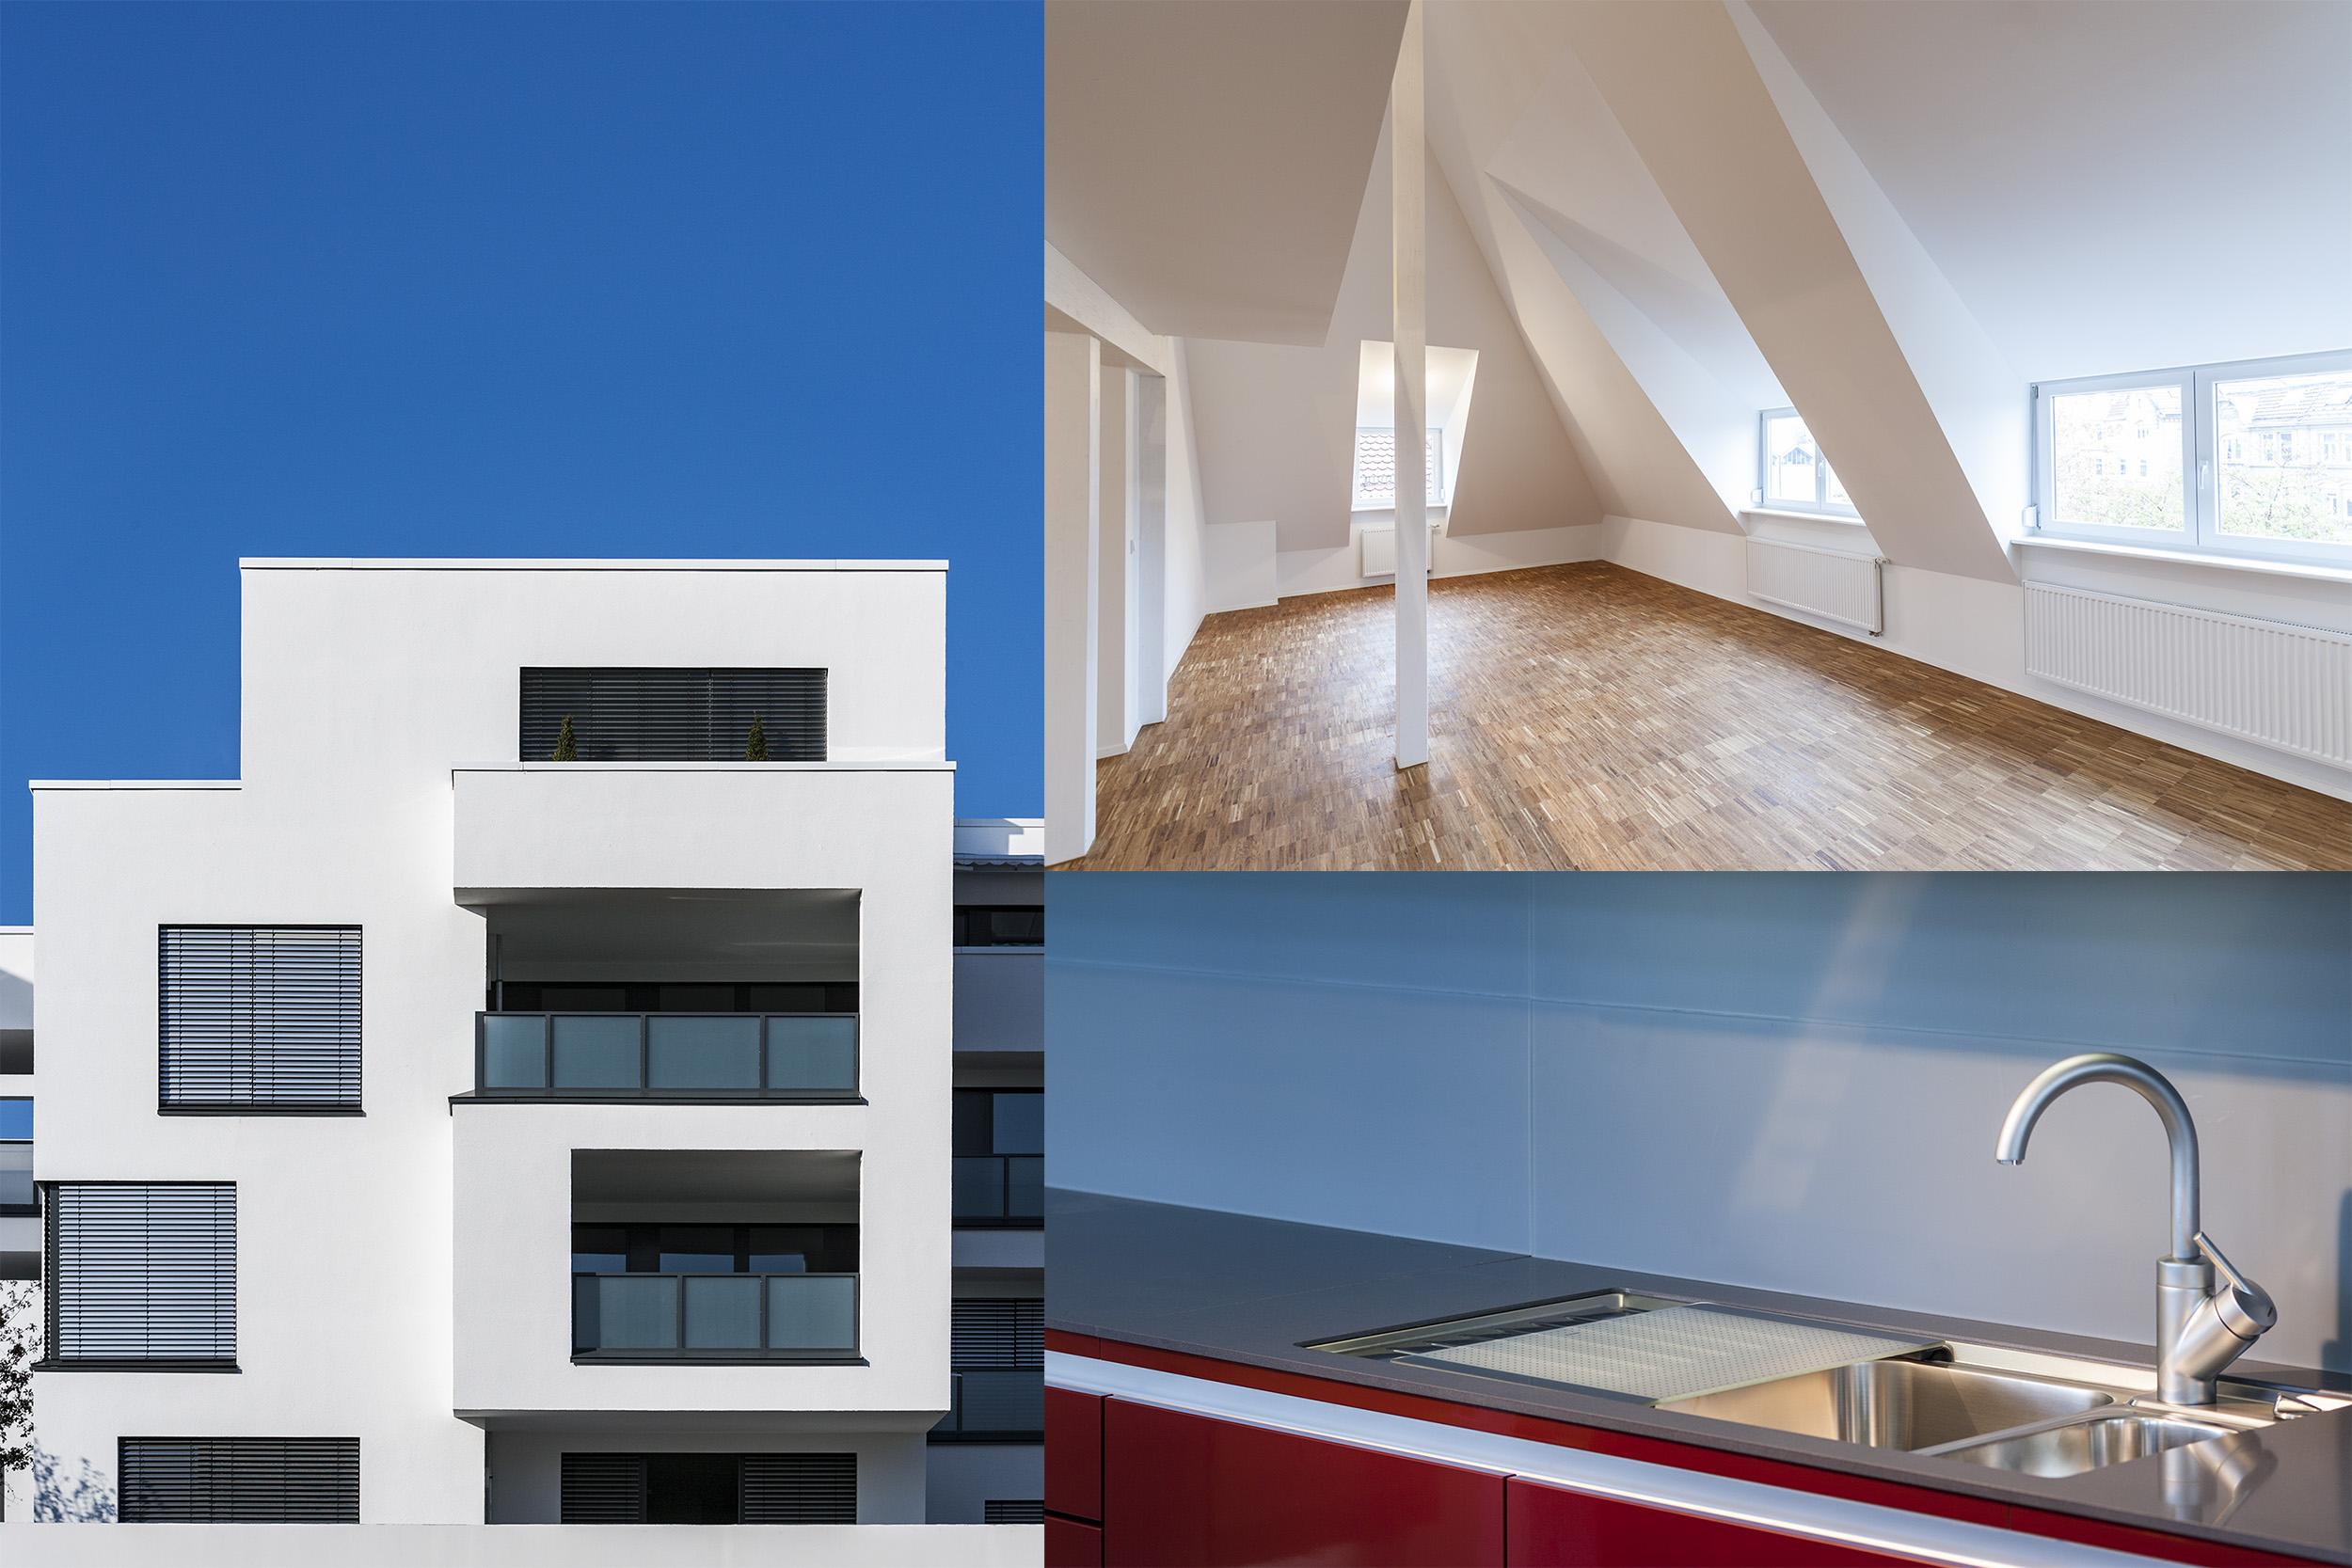 Immobilien - Architekturfotografie